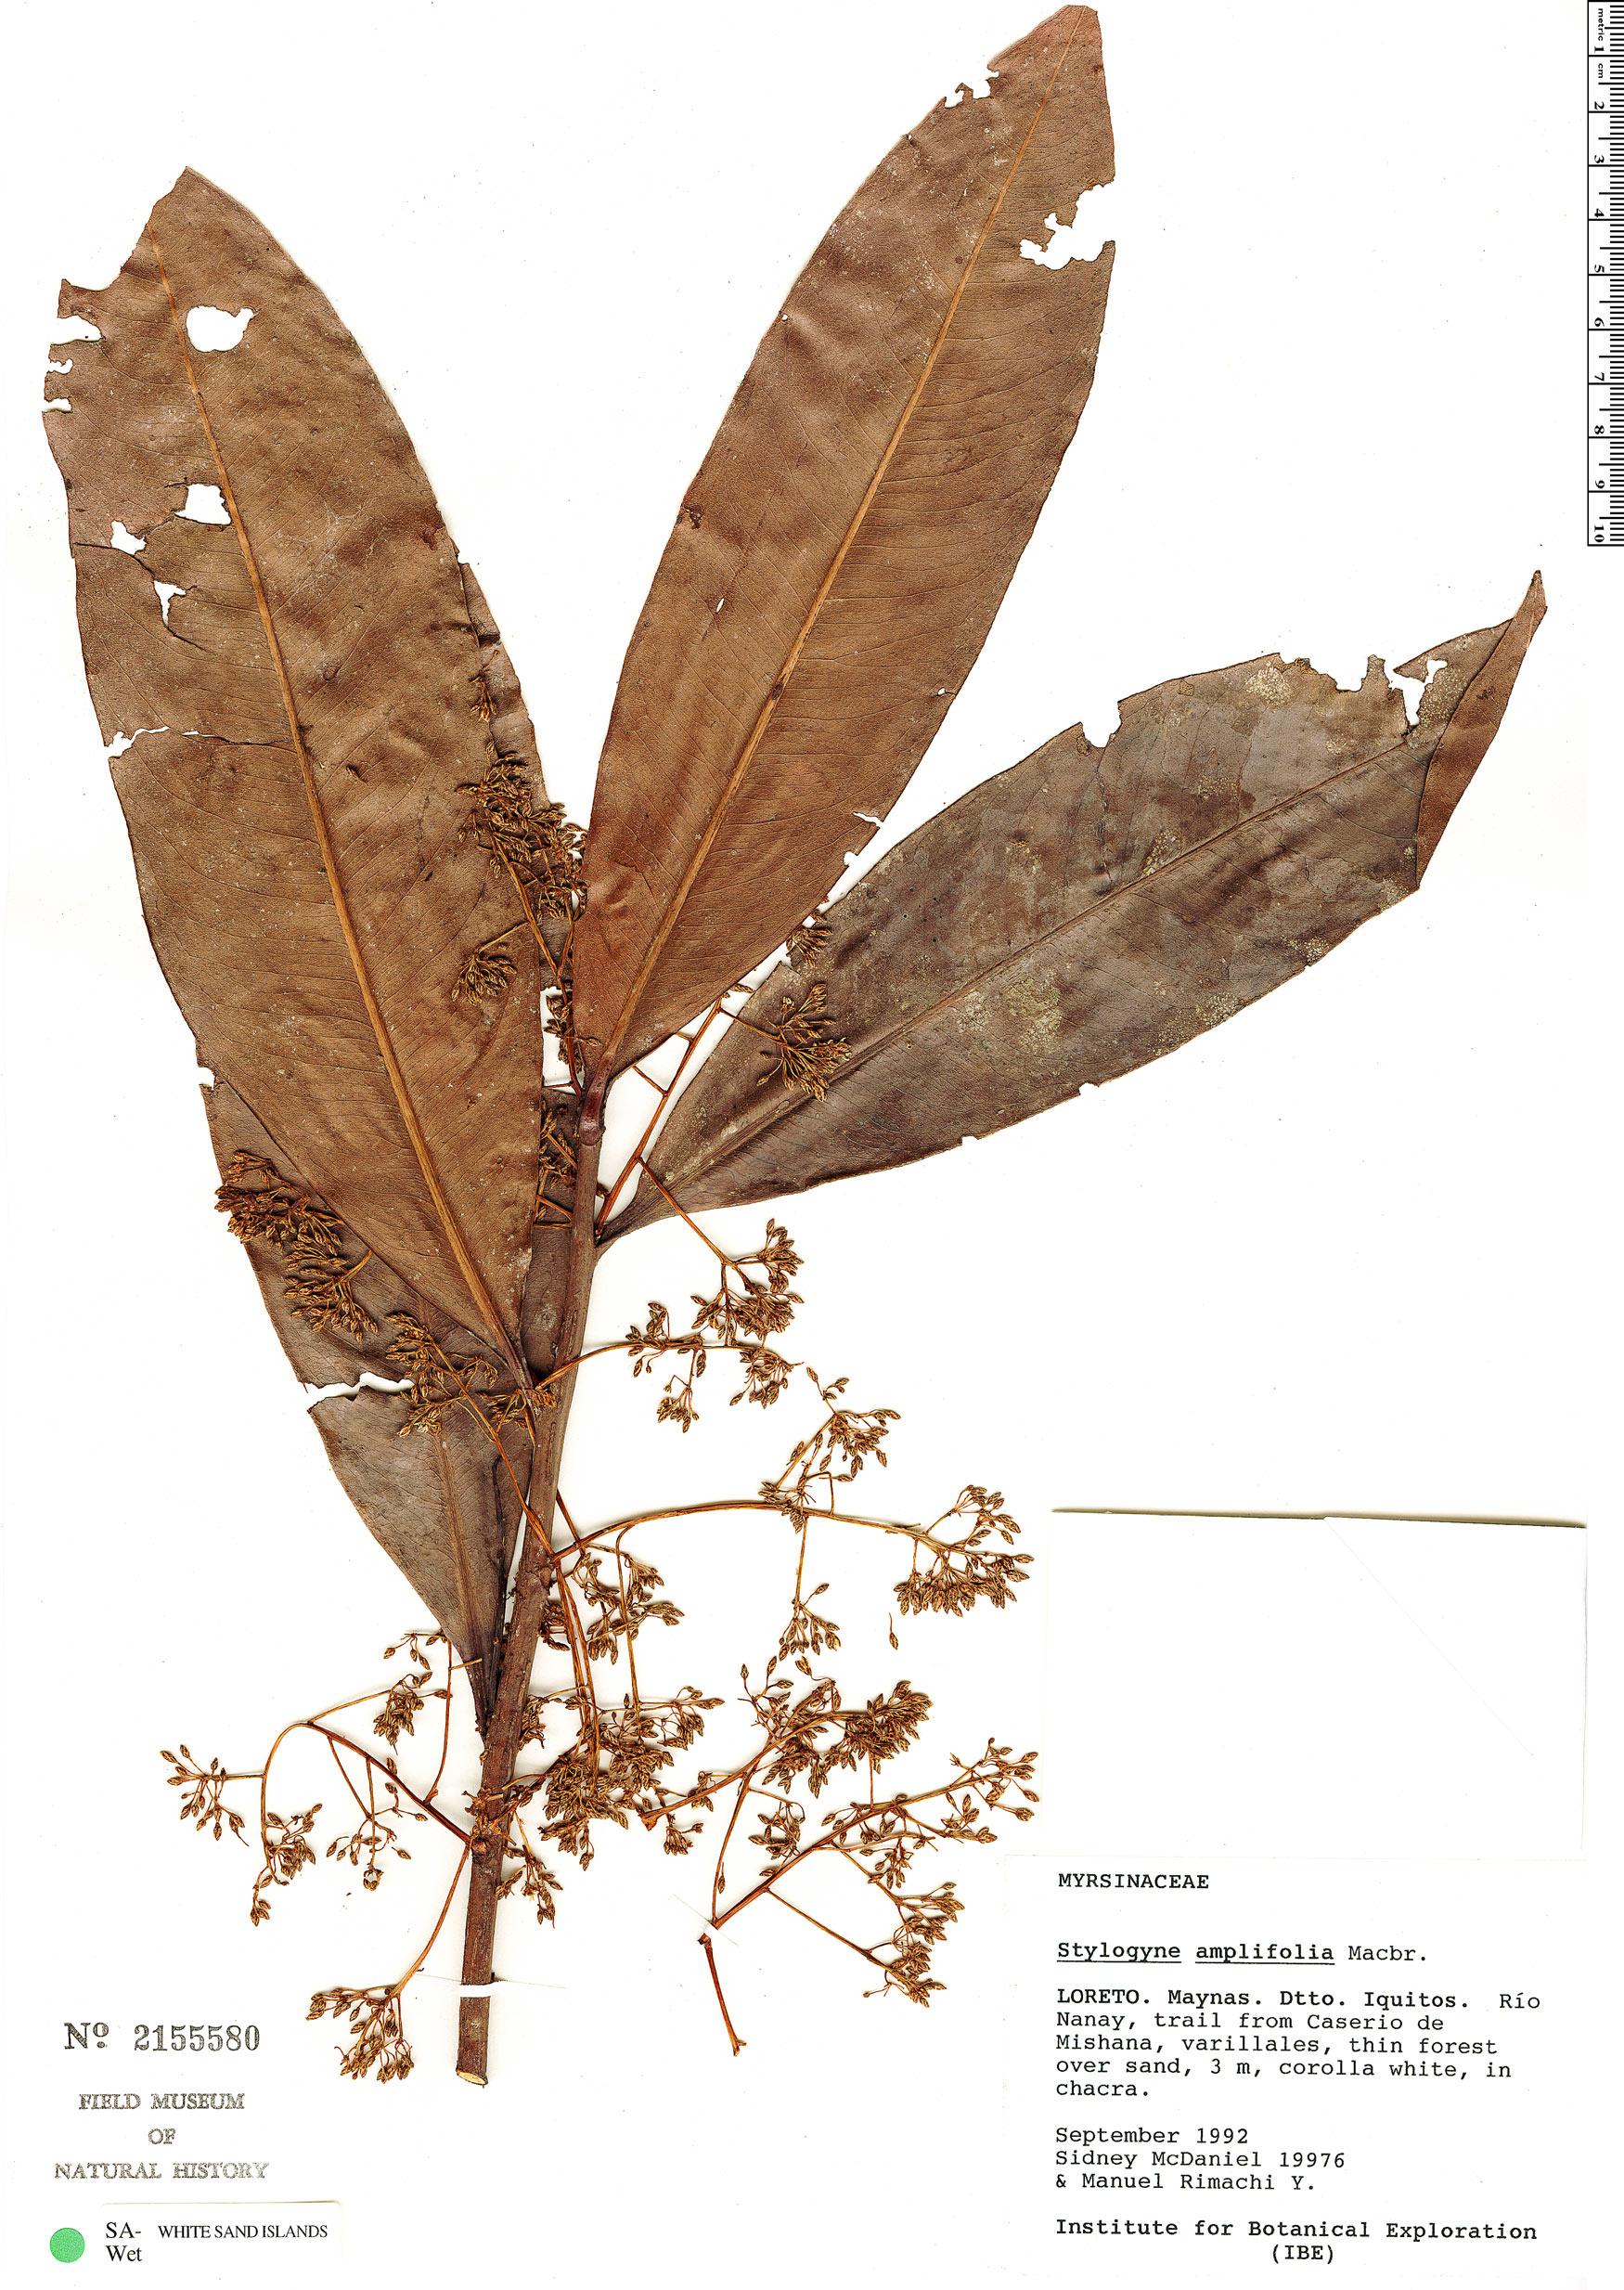 Specimen: Stylogyne longifolia